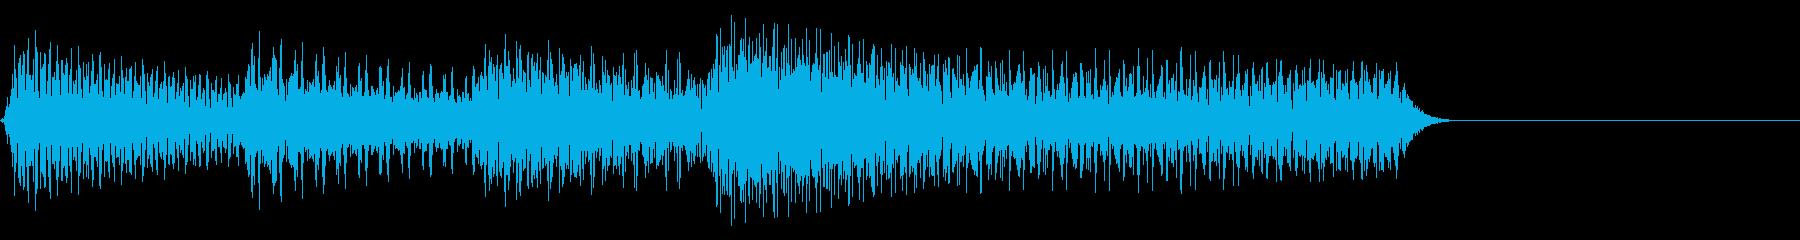 チャラララ♪/ピコピコ宿屋回復/魔法の再生済みの波形